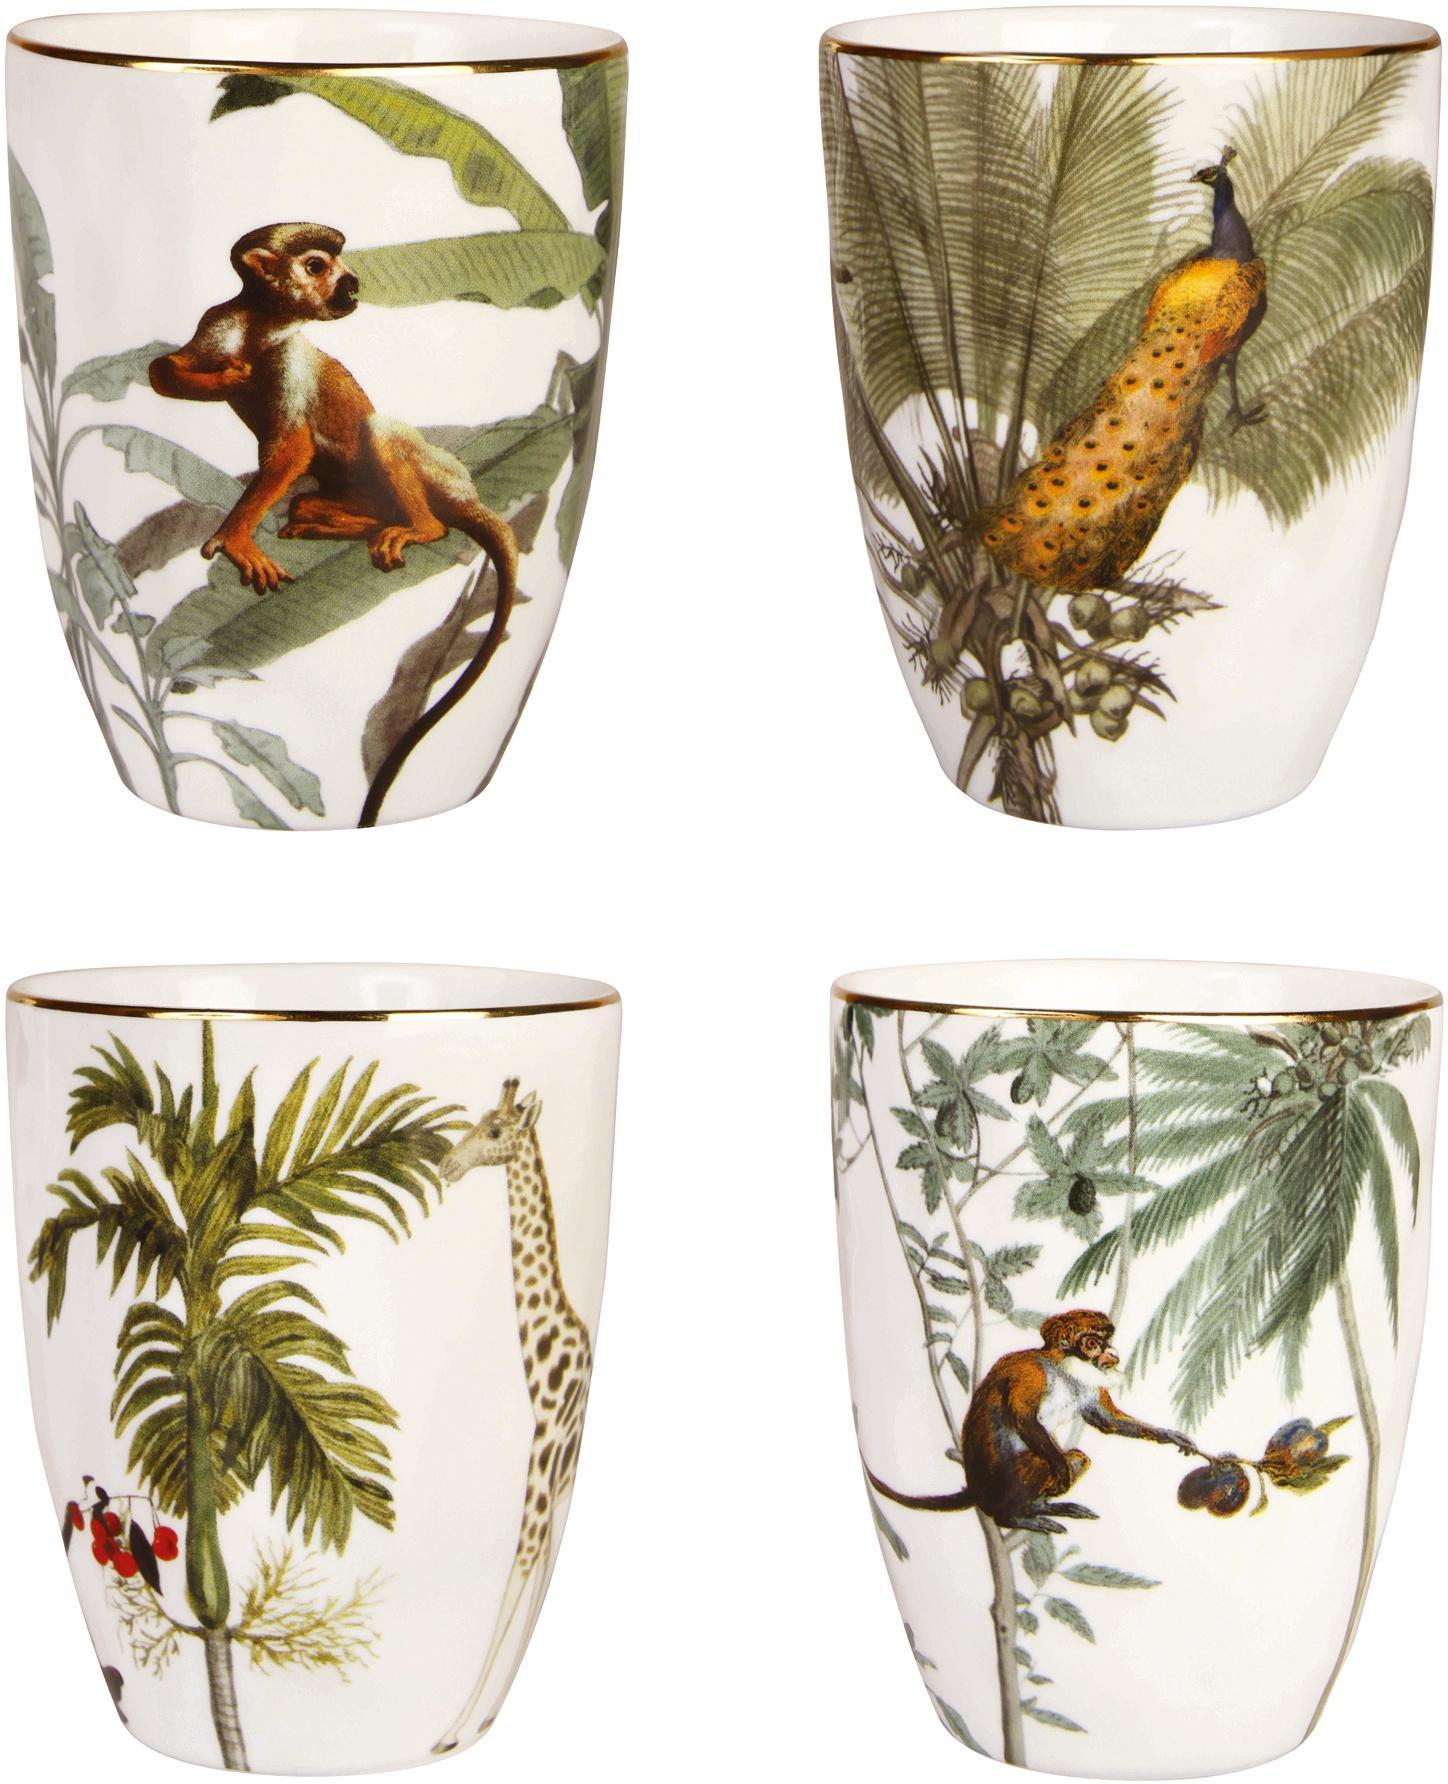 Becher Animaux mit Goldrand und tropischen Motiven, 4er-Set, Porzellan, Mehrfarbig, Ø 8 x H 10 cm